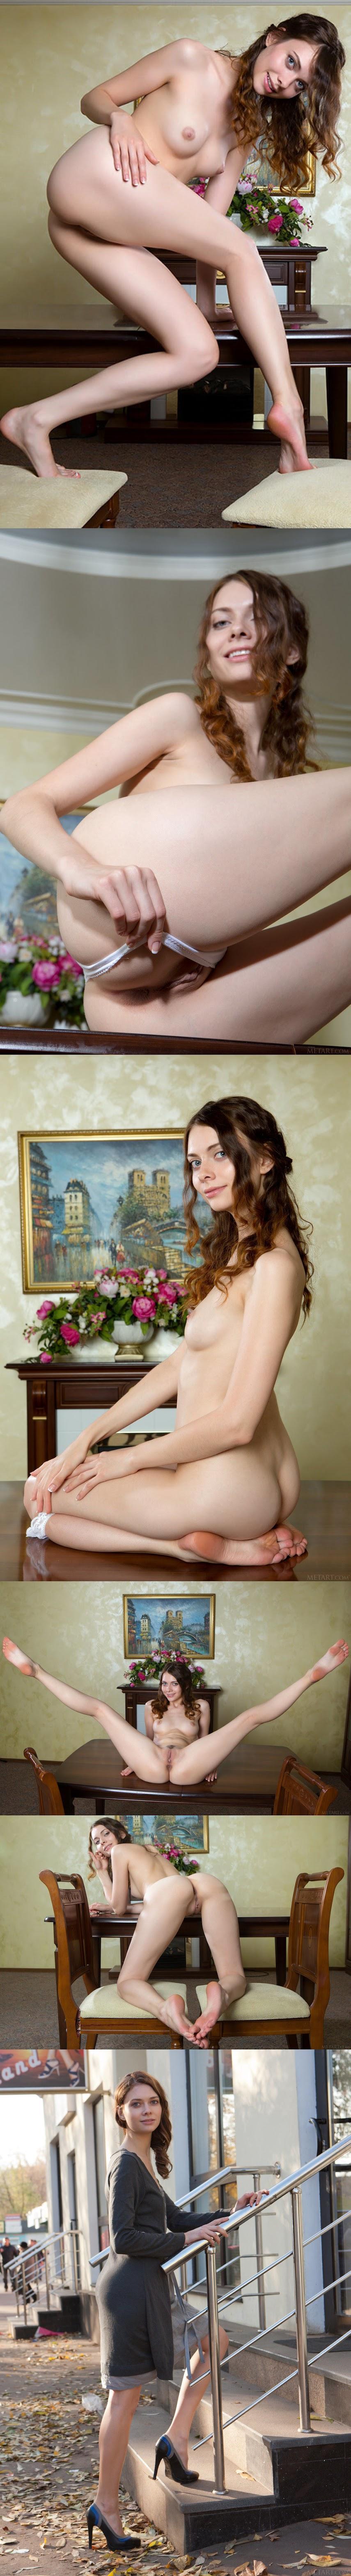 met-art  - 2014-04-04 malinda a - bideruta  x109  2883x4324 sexy girls image jav